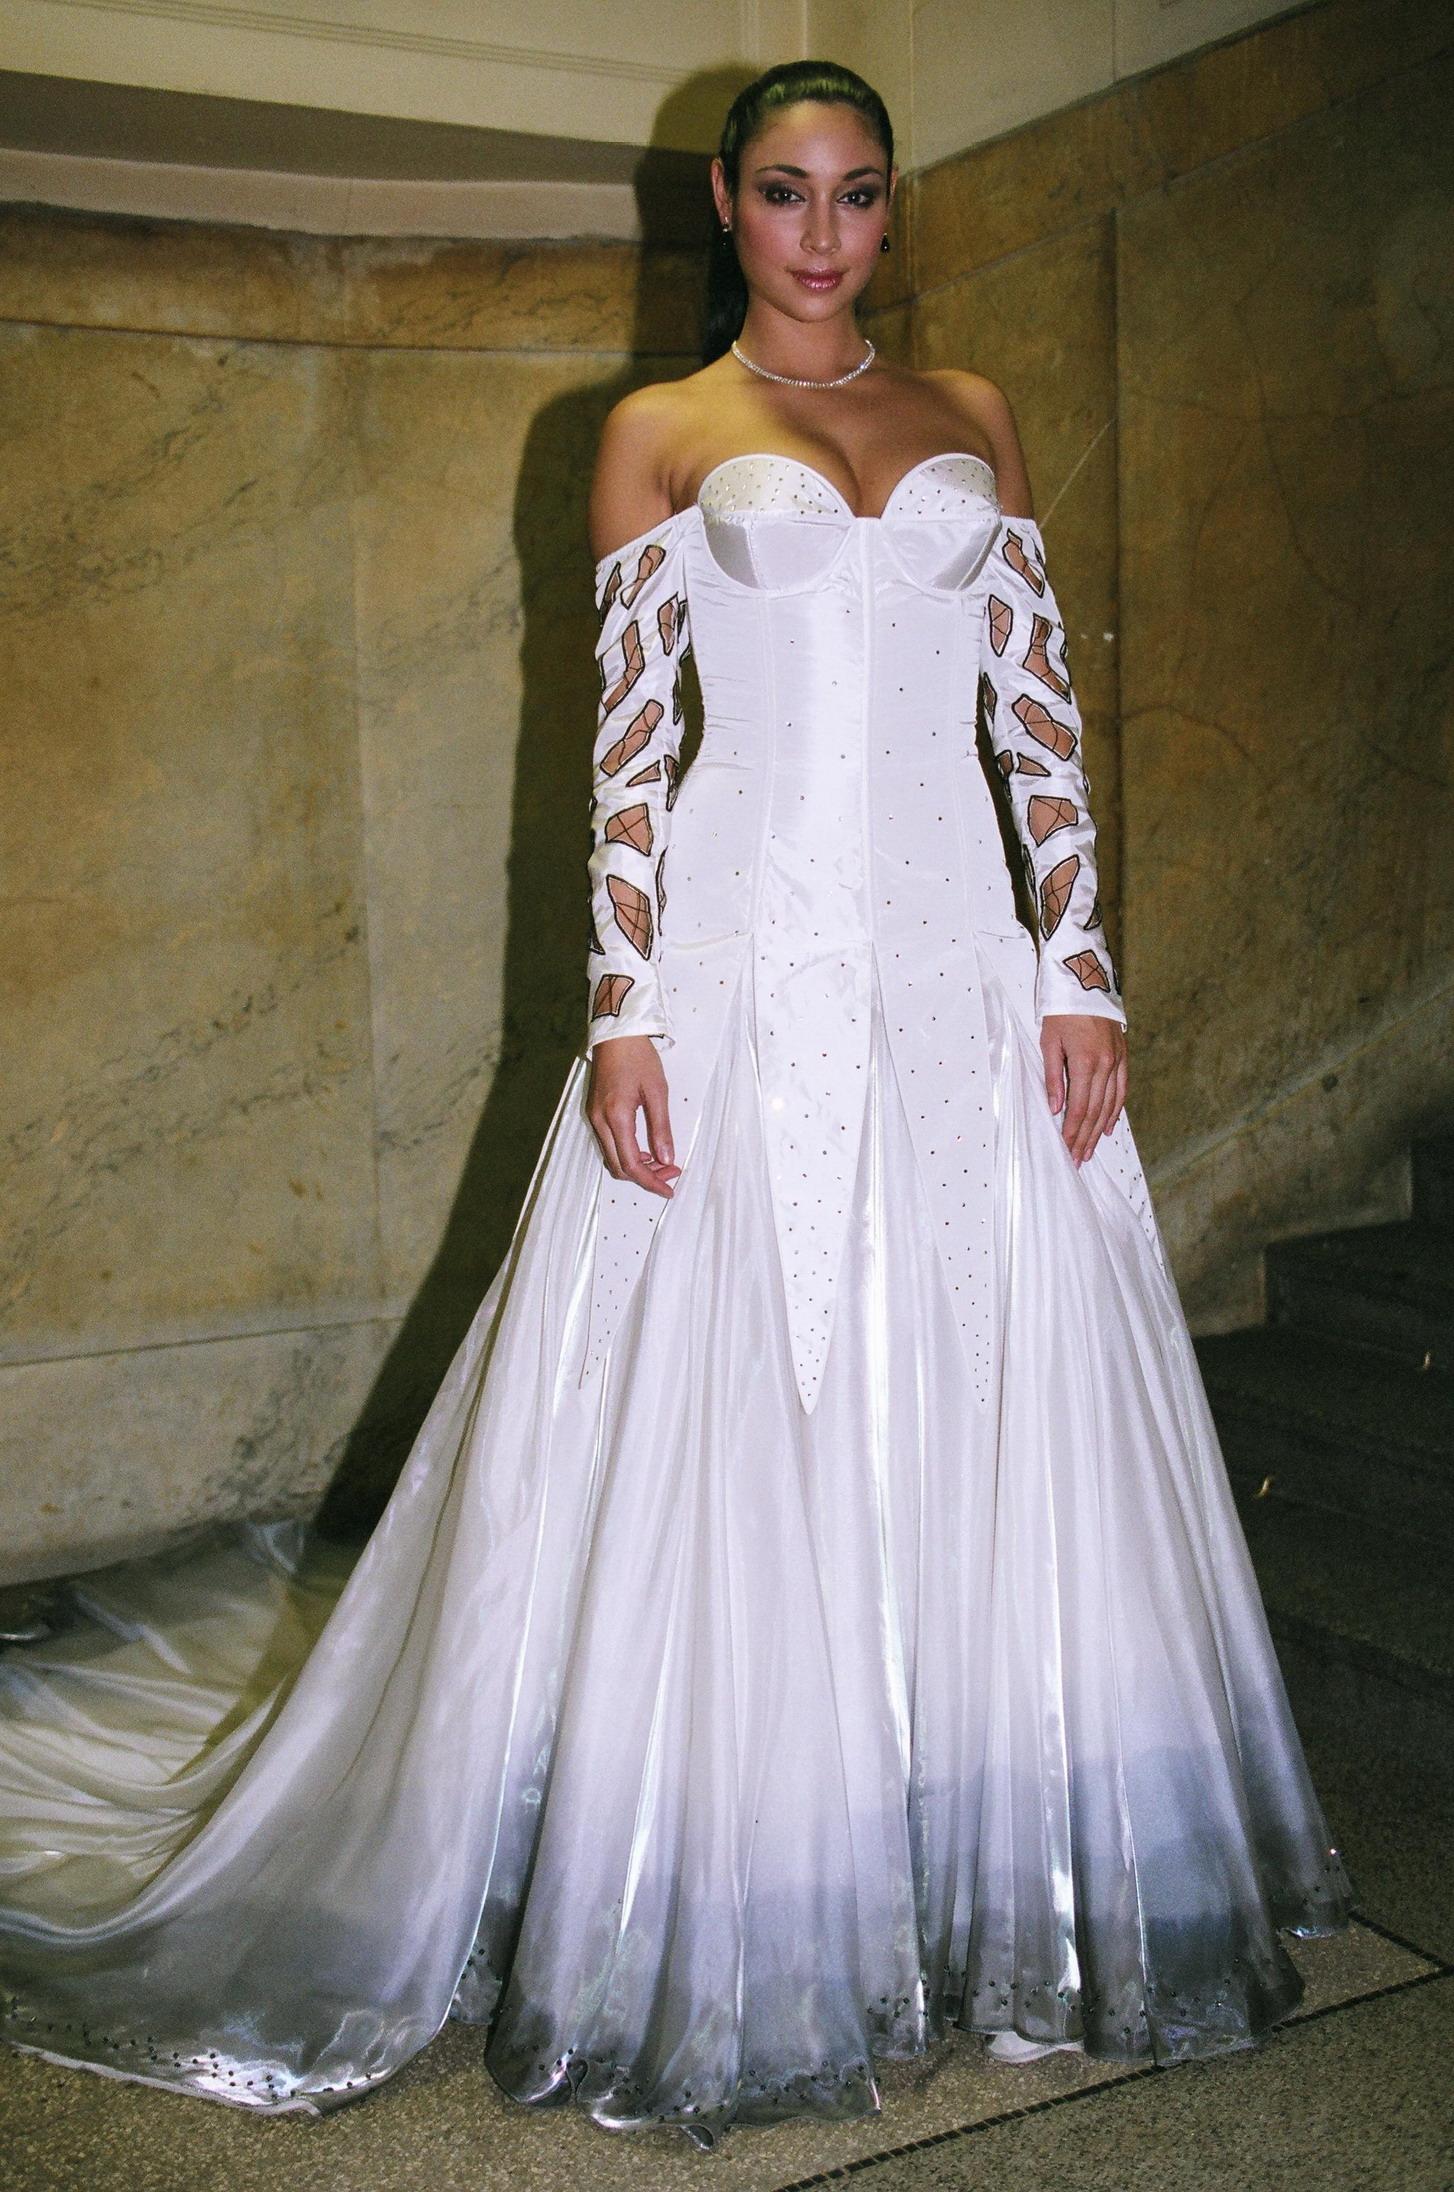 svatební šaty Bílo-černé   Zboží prodejce šnajdrová.tereza  7f432c500d